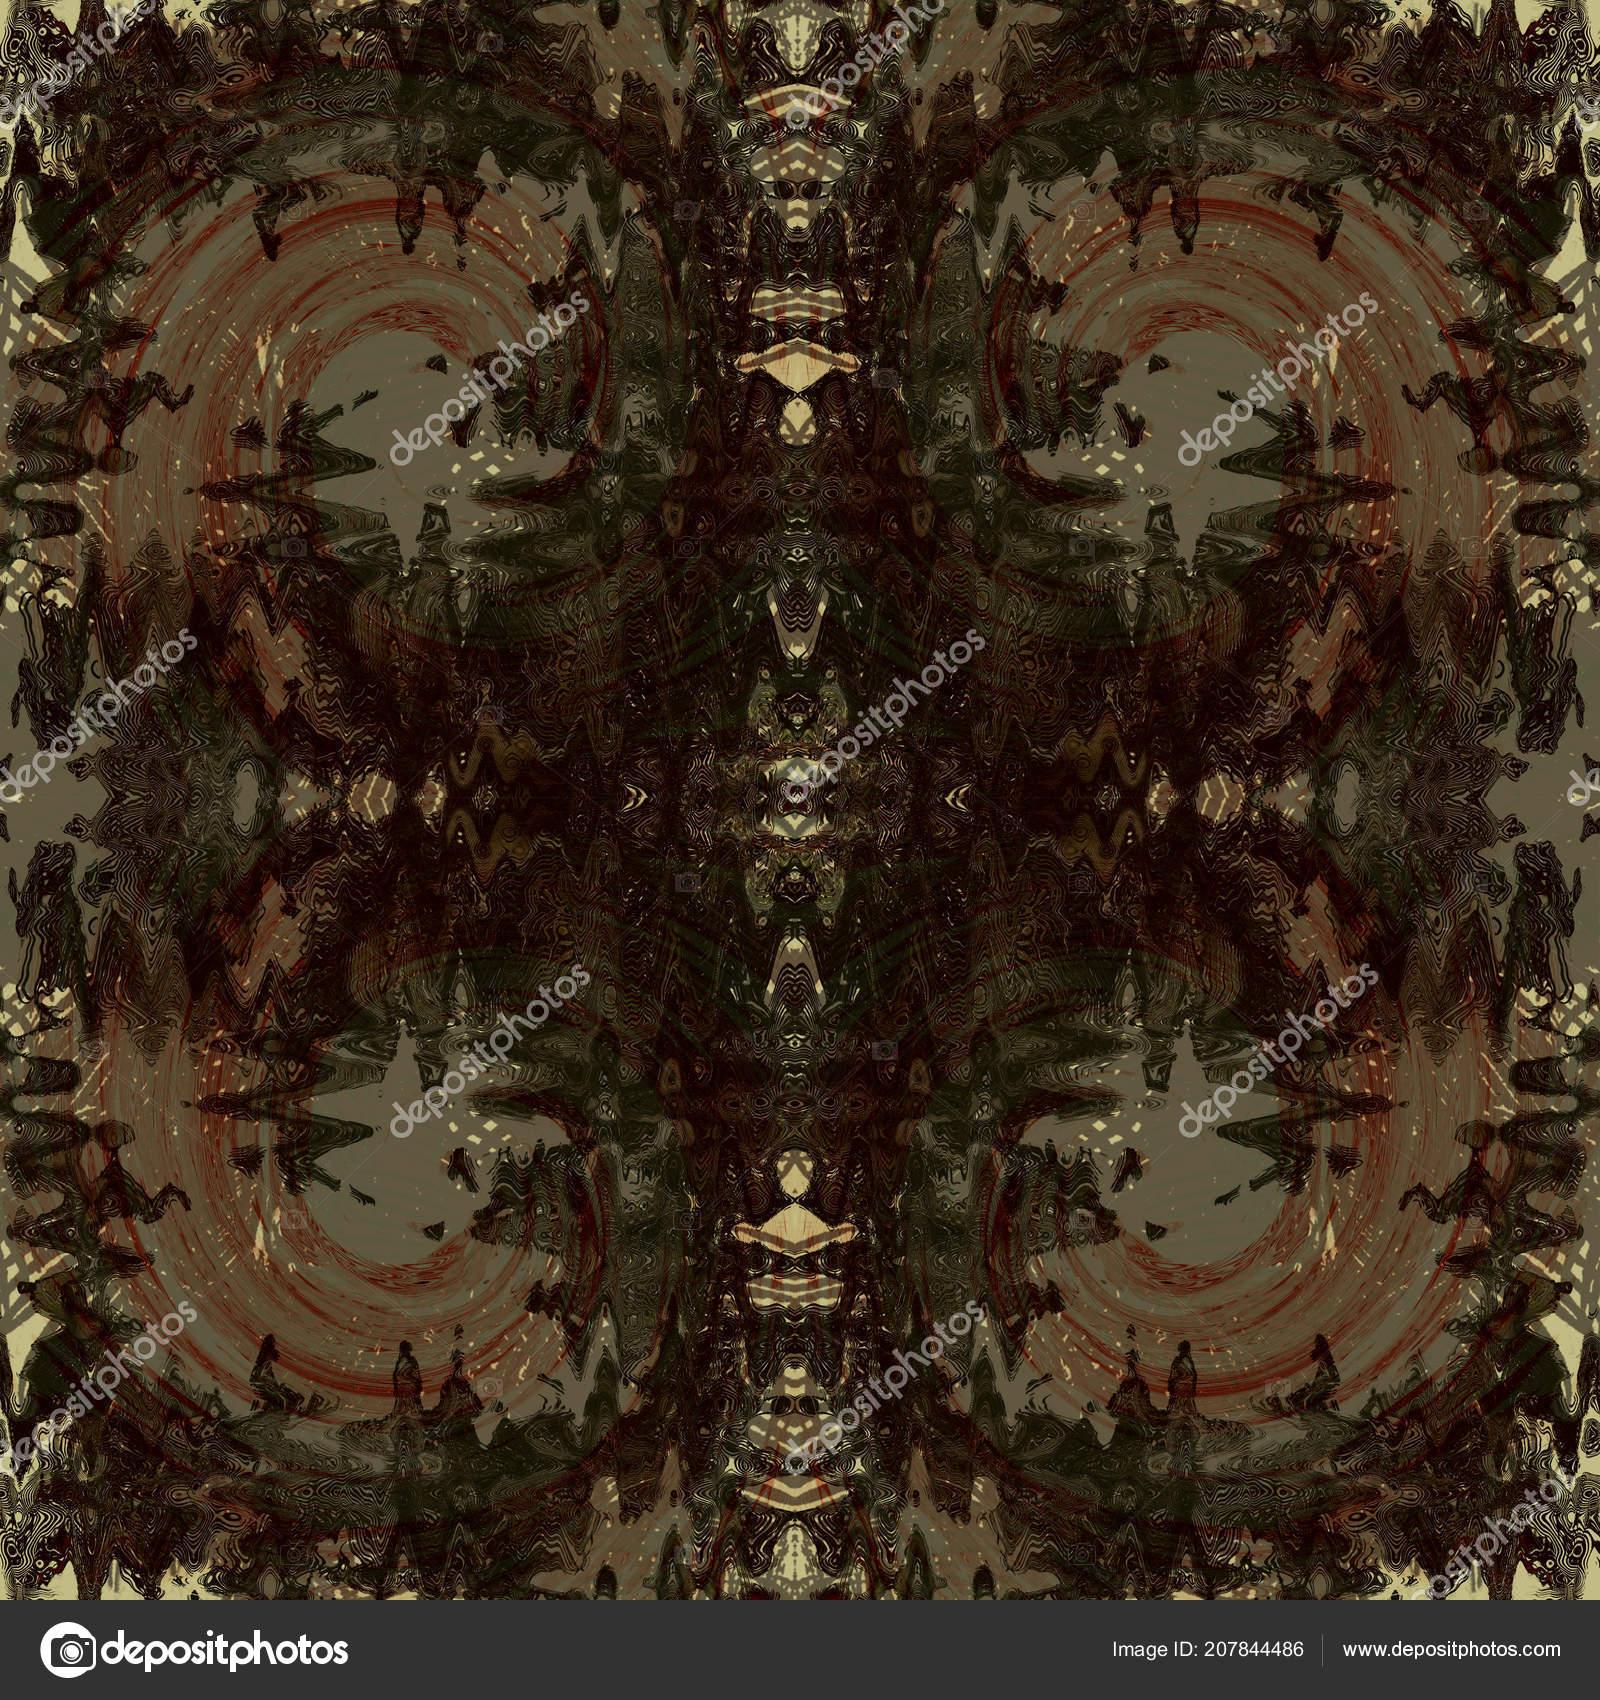 カラフルなシームレスなグランジ パターン 抽象的な乱雑な塗装の